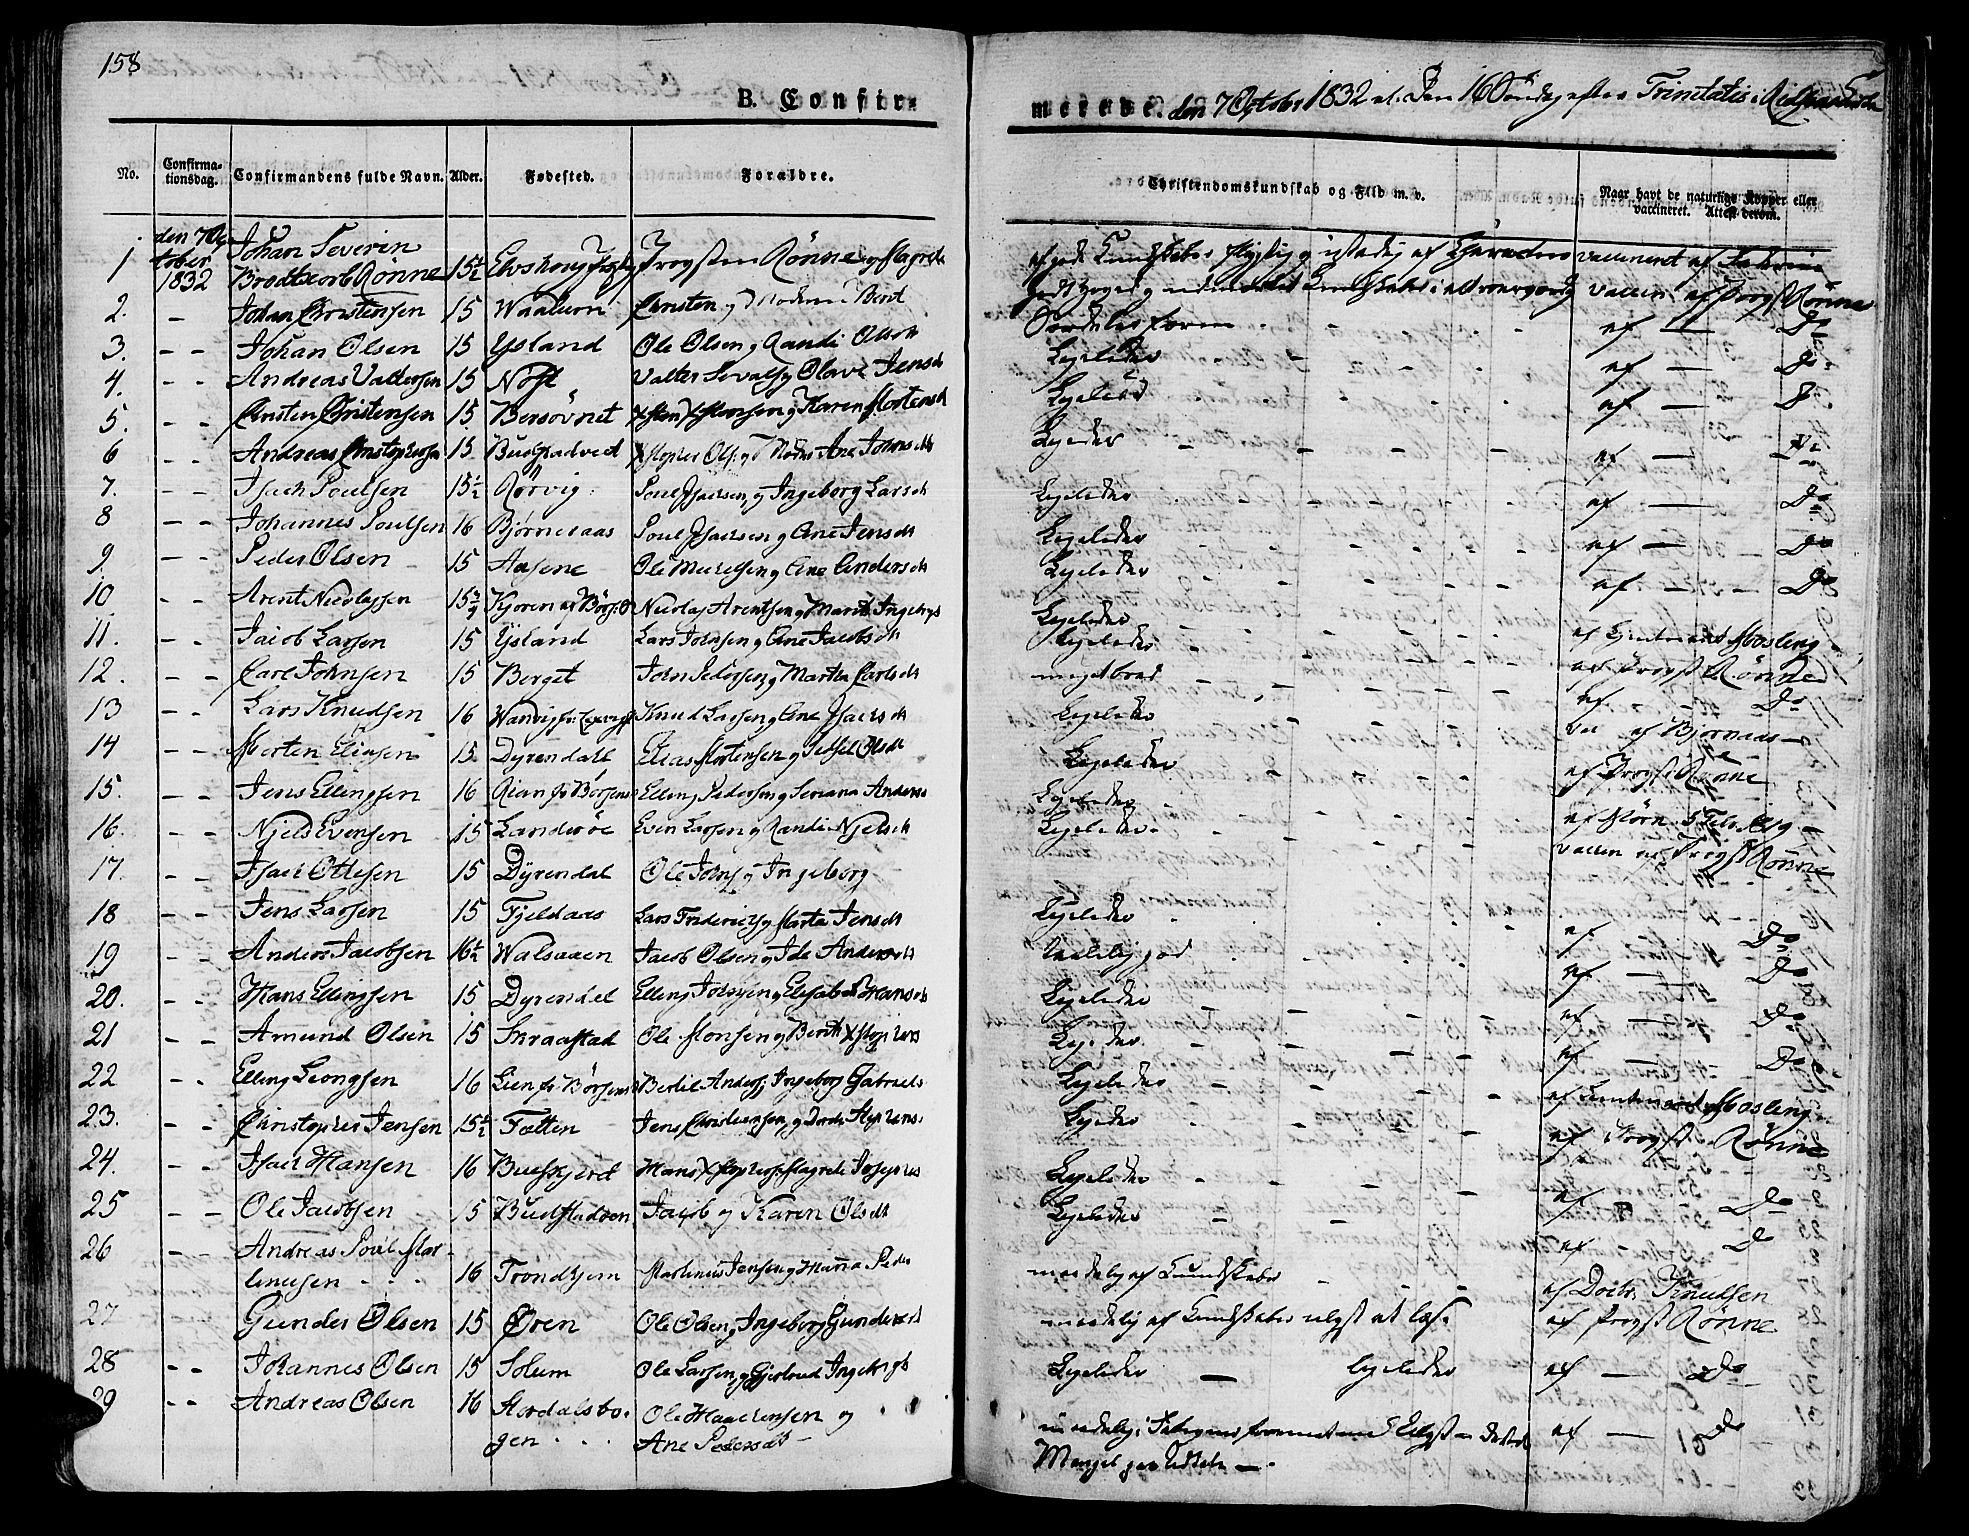 SAT, Ministerialprotokoller, klokkerbøker og fødselsregistre - Sør-Trøndelag, 646/L0609: Ministerialbok nr. 646A07, 1826-1838, s. 158